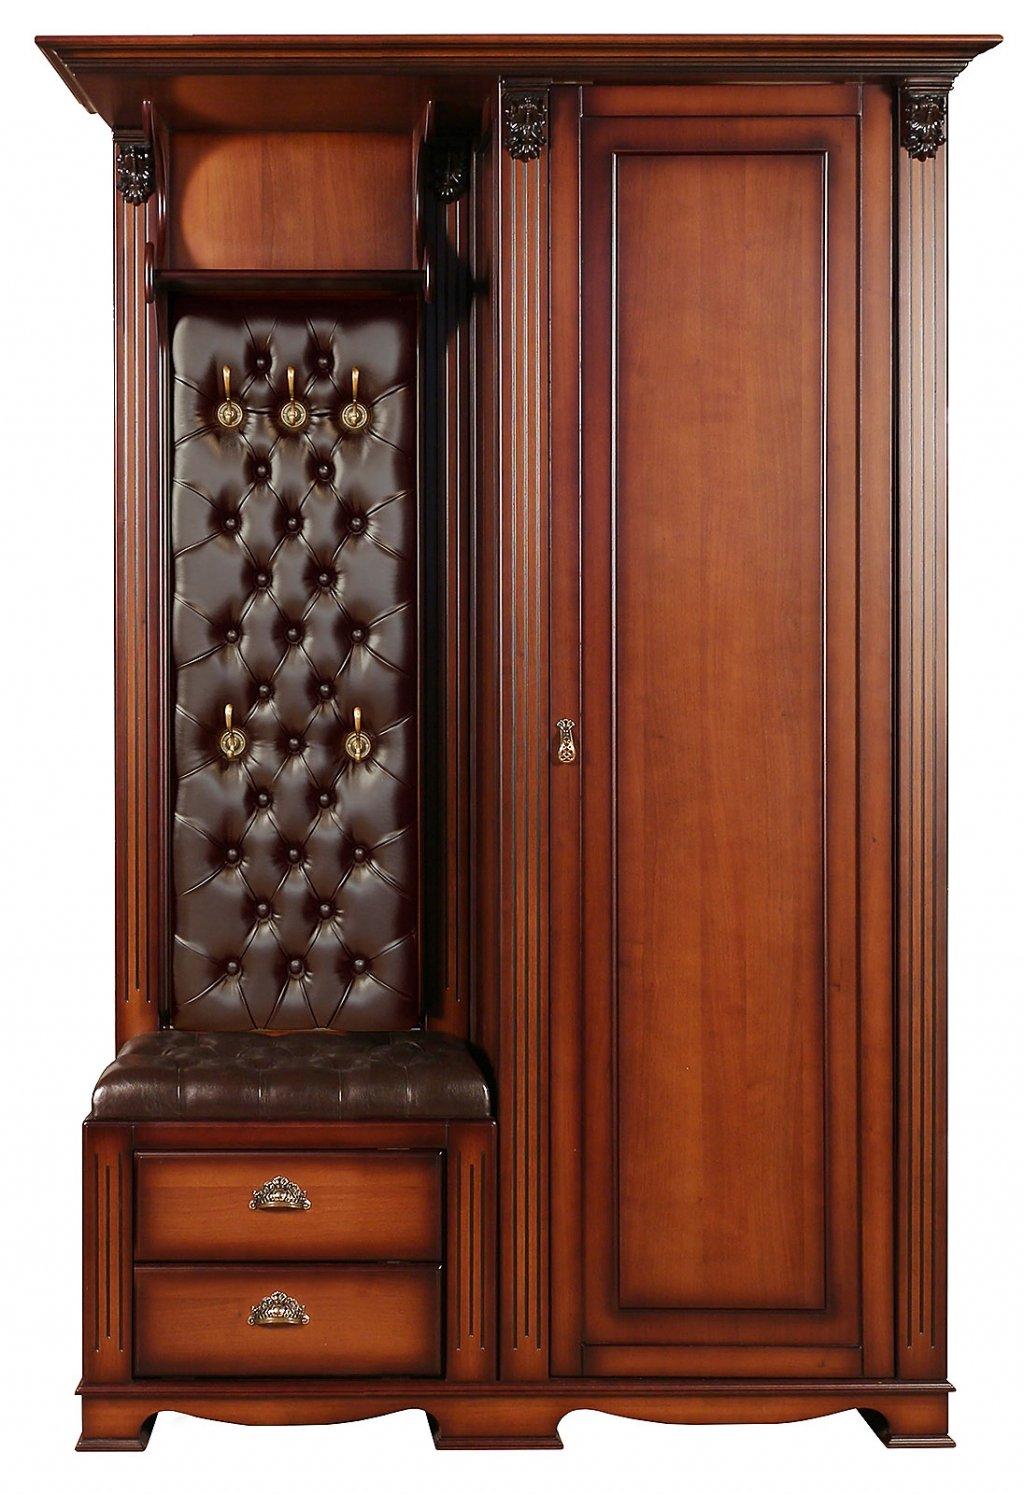 Прихожая Лувр с одностворчатым шкафом, вешалкой и банкеткой с двумя выдвижными ящиками EL7525R Or Brown